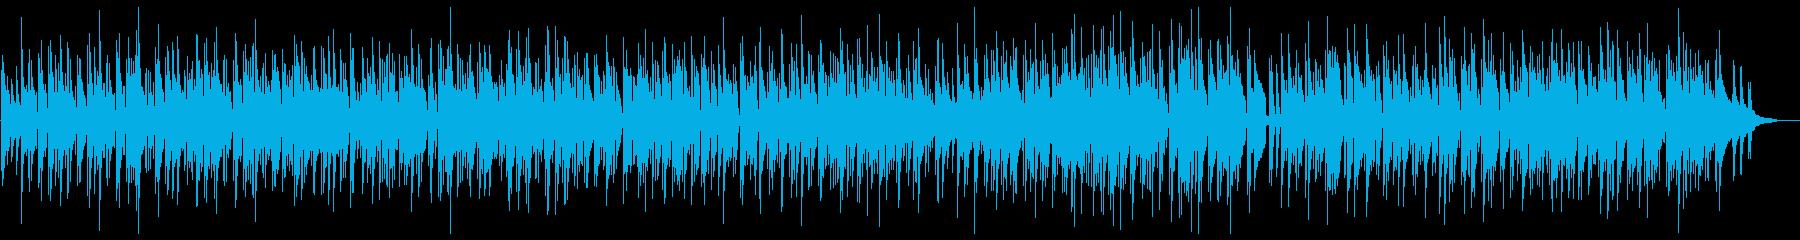 優しいピアノのメロディが心地よいボサノバの再生済みの波形